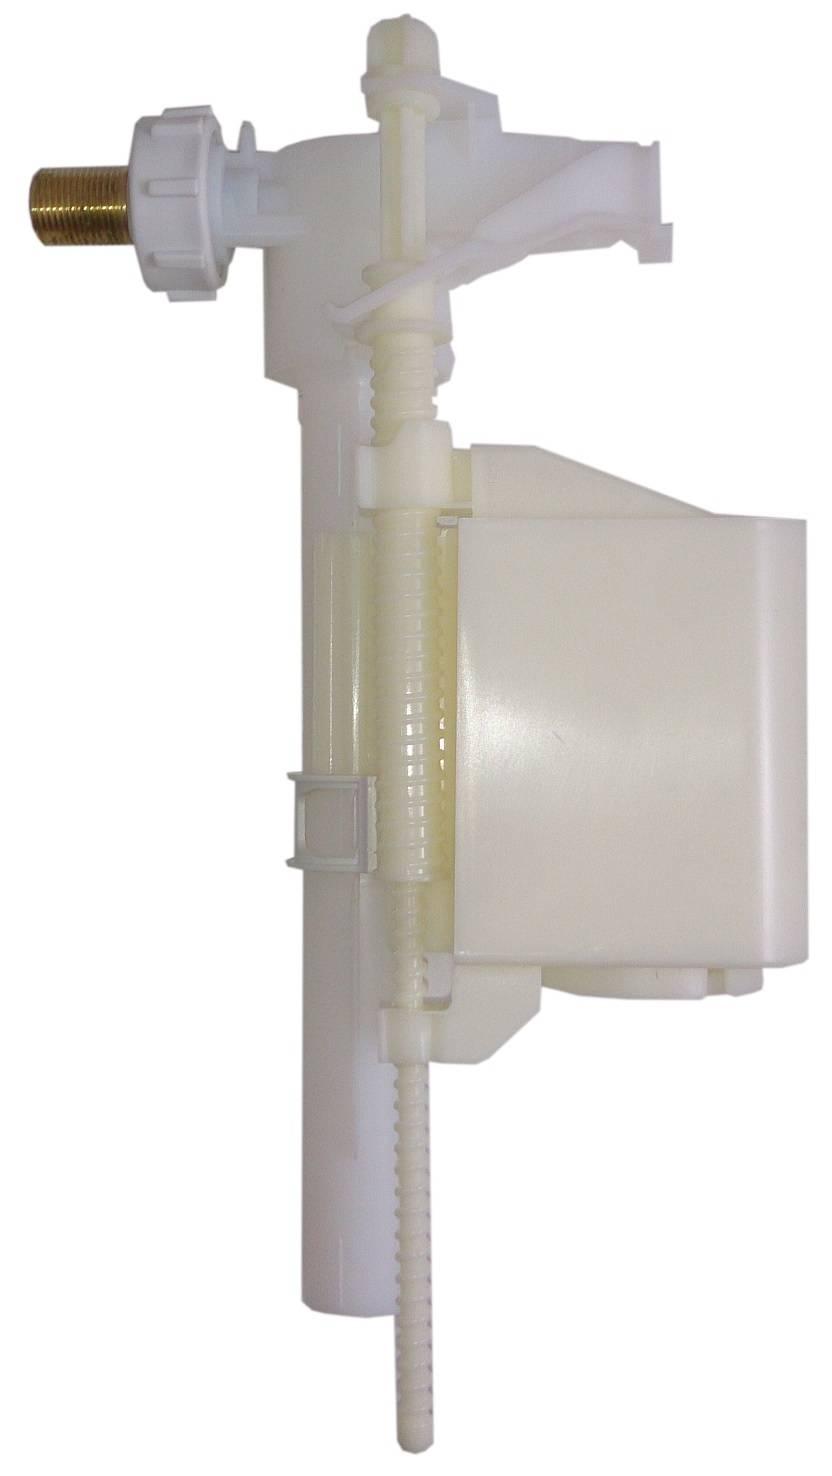 flotteur wc flotteur wc with flotteur wc with flotteur wc elegant mcanisme complet wc eco set. Black Bedroom Furniture Sets. Home Design Ideas